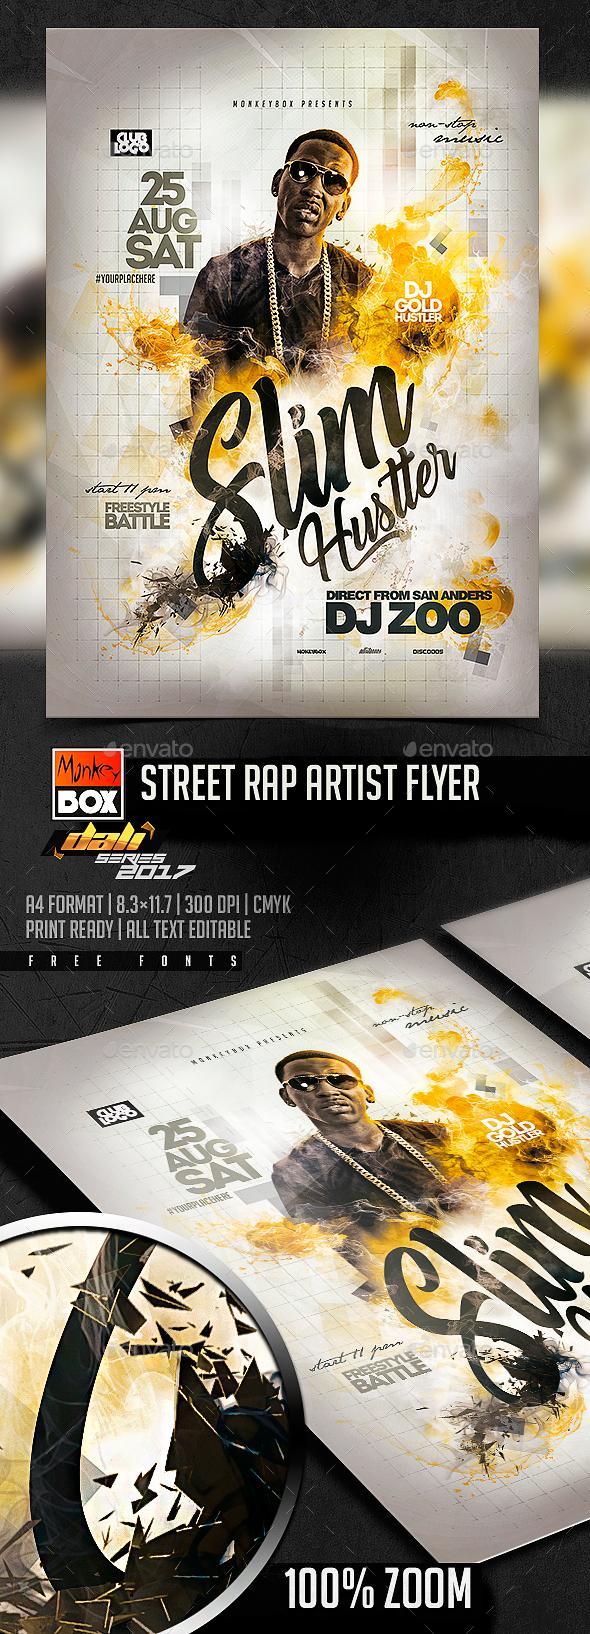 Street Rap Artist Flyer - Events Flyers